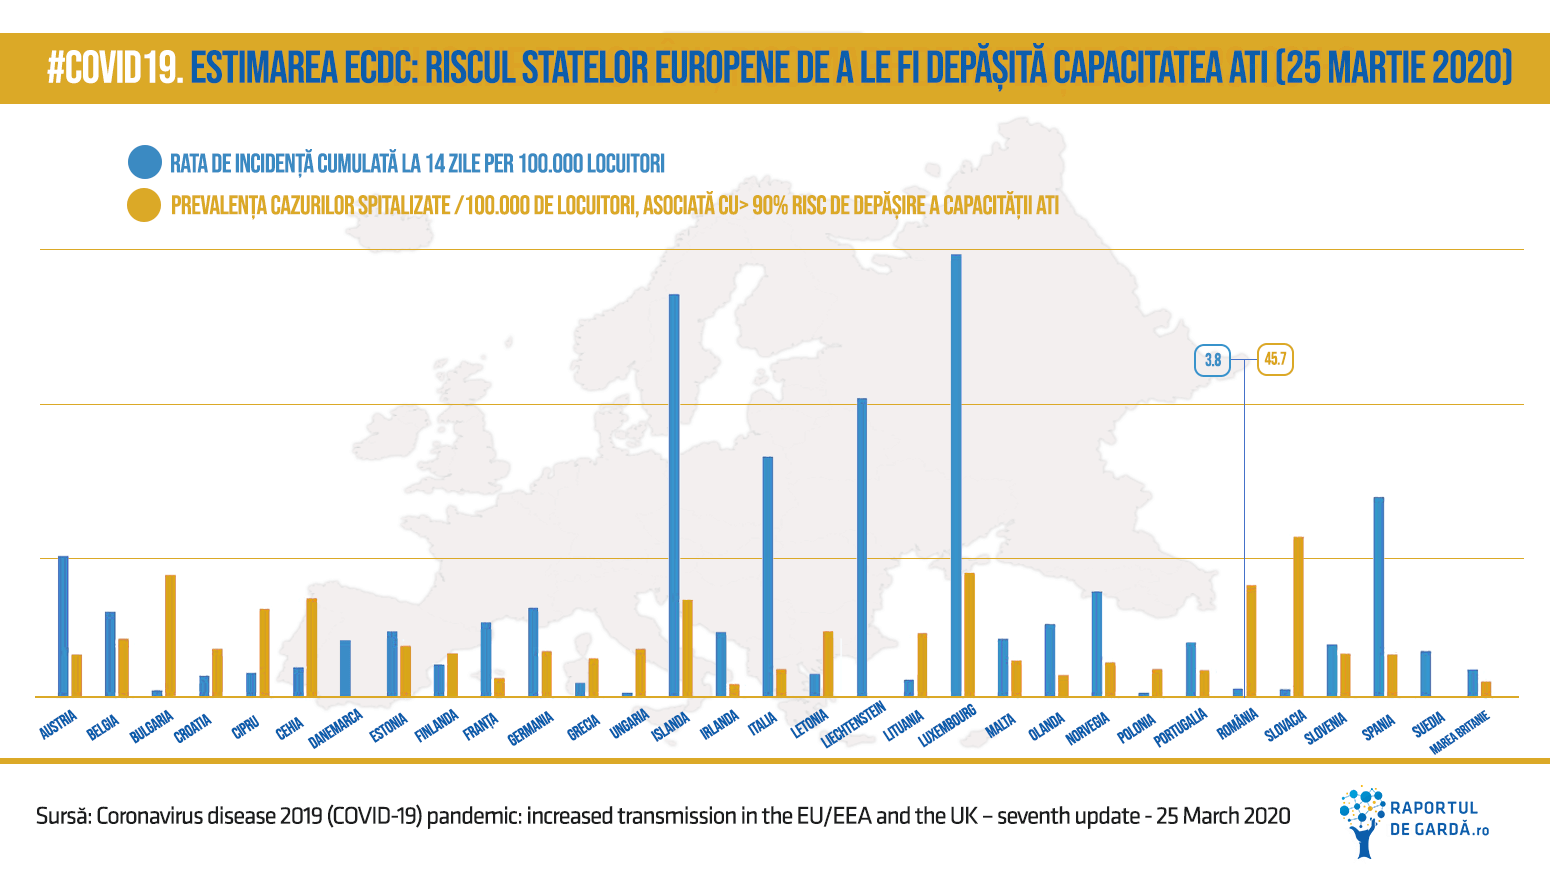 Estimarea ECDC: Riscul statelor europene de a le fi depășită capacitatea ati